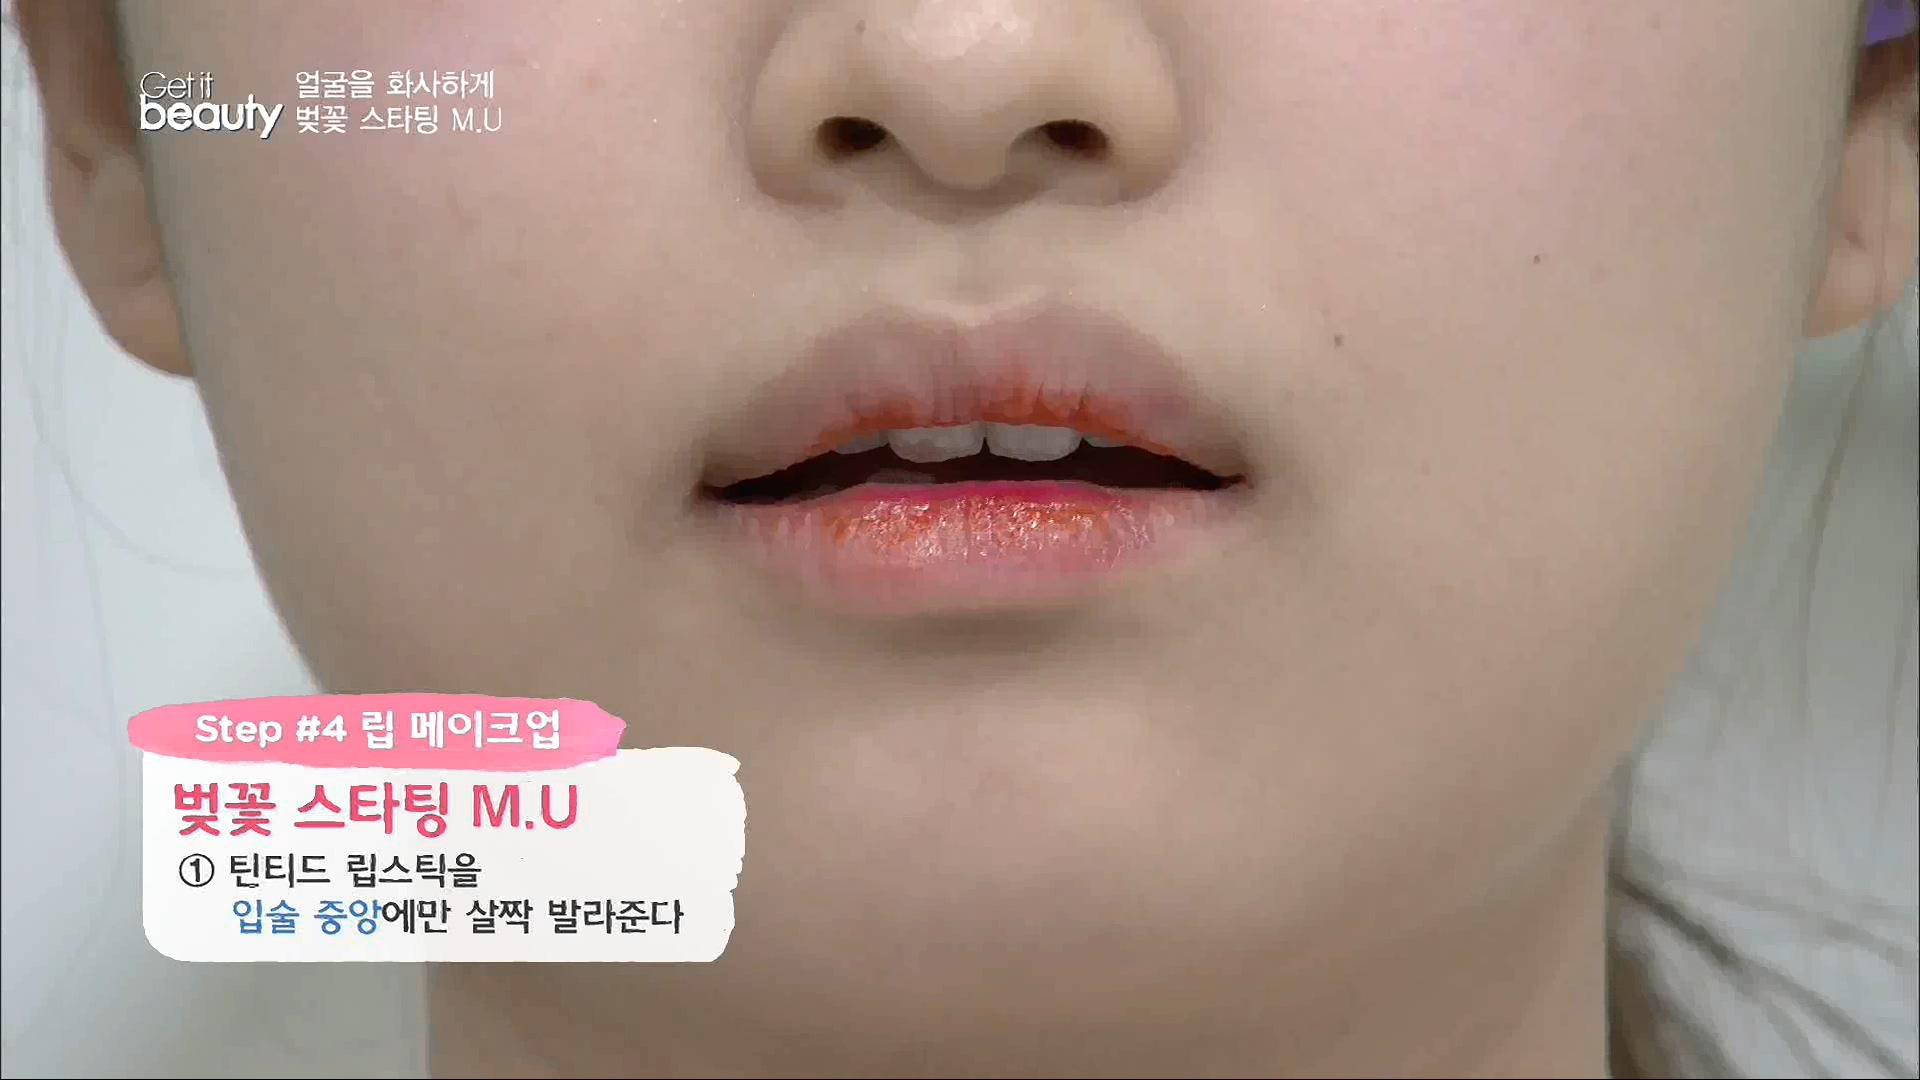 Step #4.립 메이크업  1.틴티드 립스틱을 입술 중앙에만 살짝 발라준다.